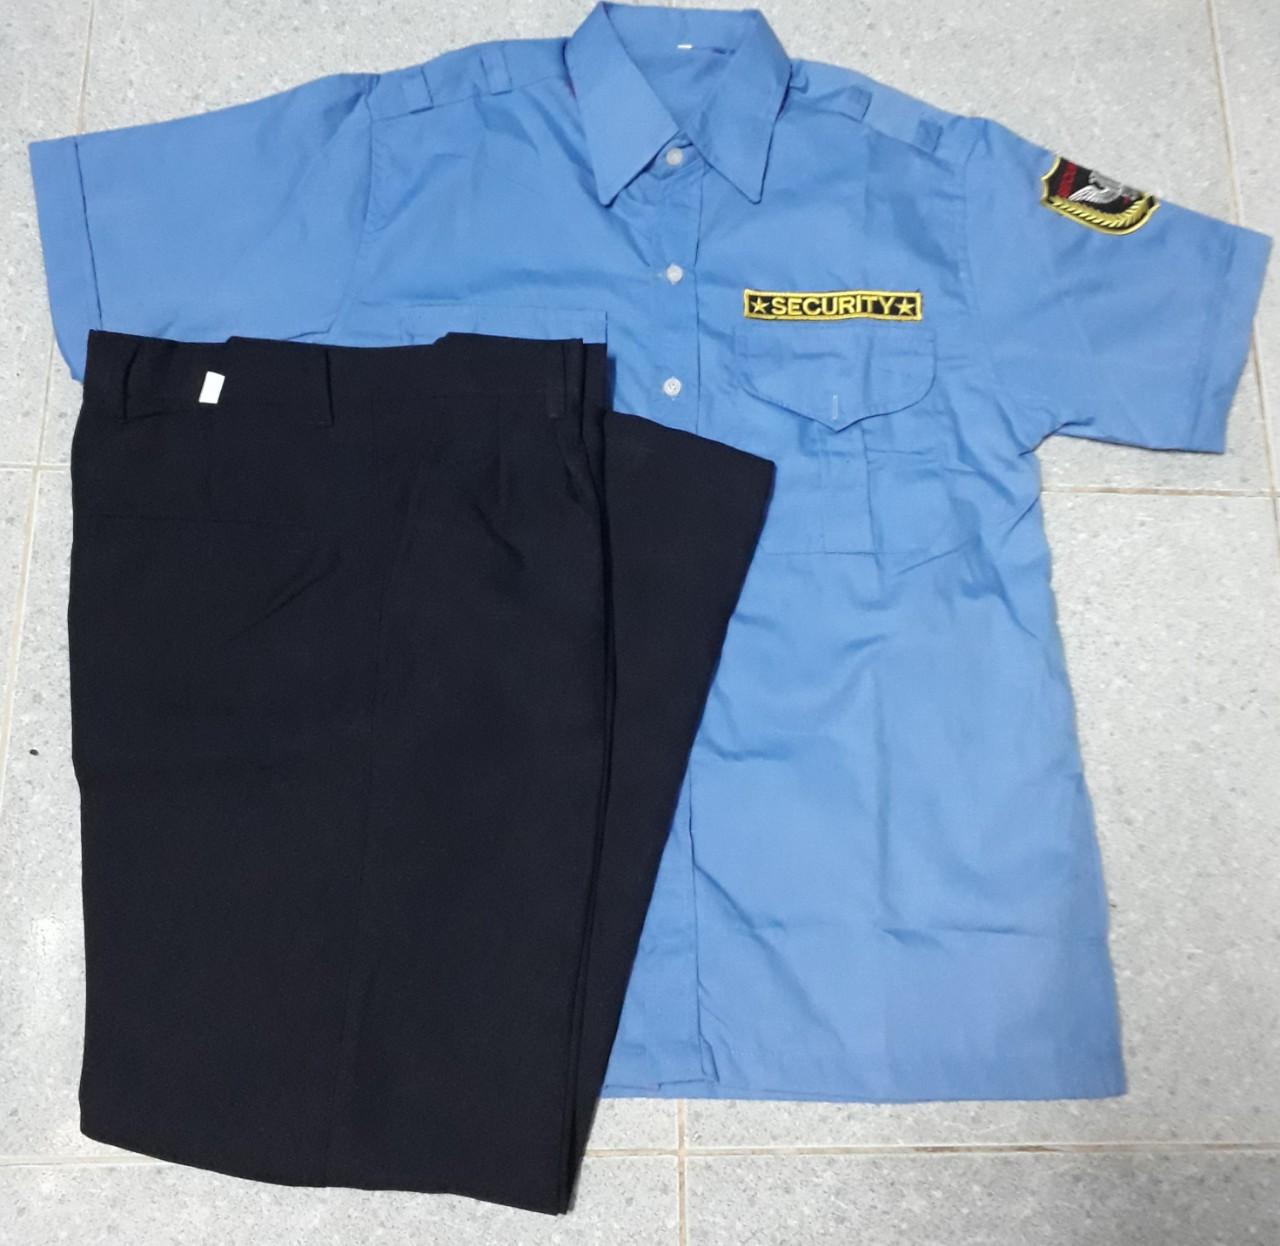 Bộ bảo vệ tay ngắn vải kaki Hàng Quốc